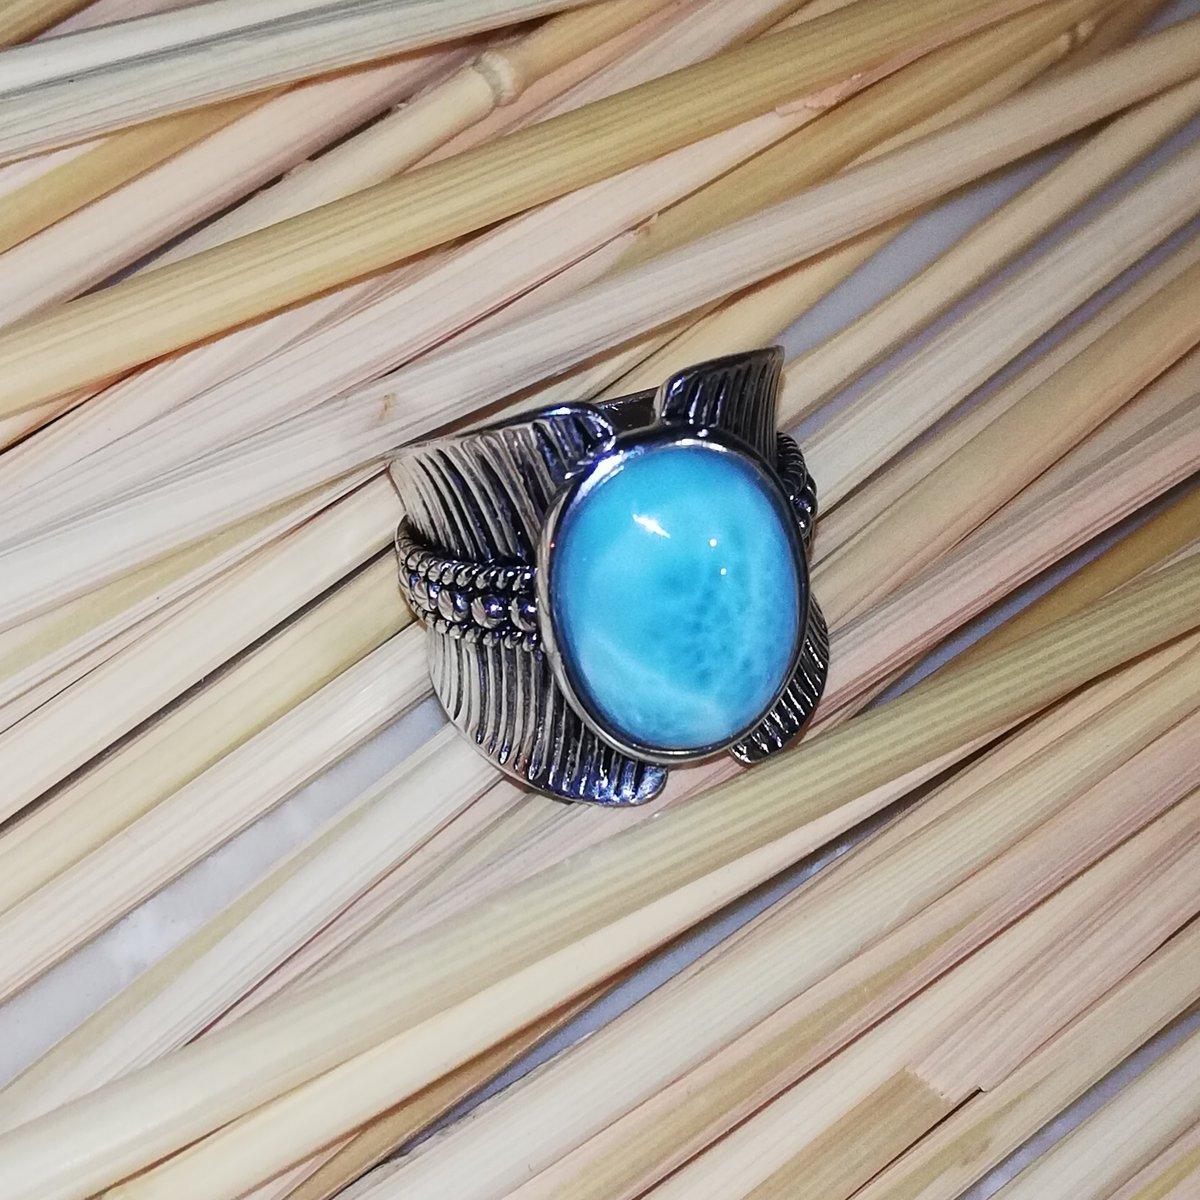 Необычное кольцо с редким камнем, давно хотела что-то с ларимаром найти.